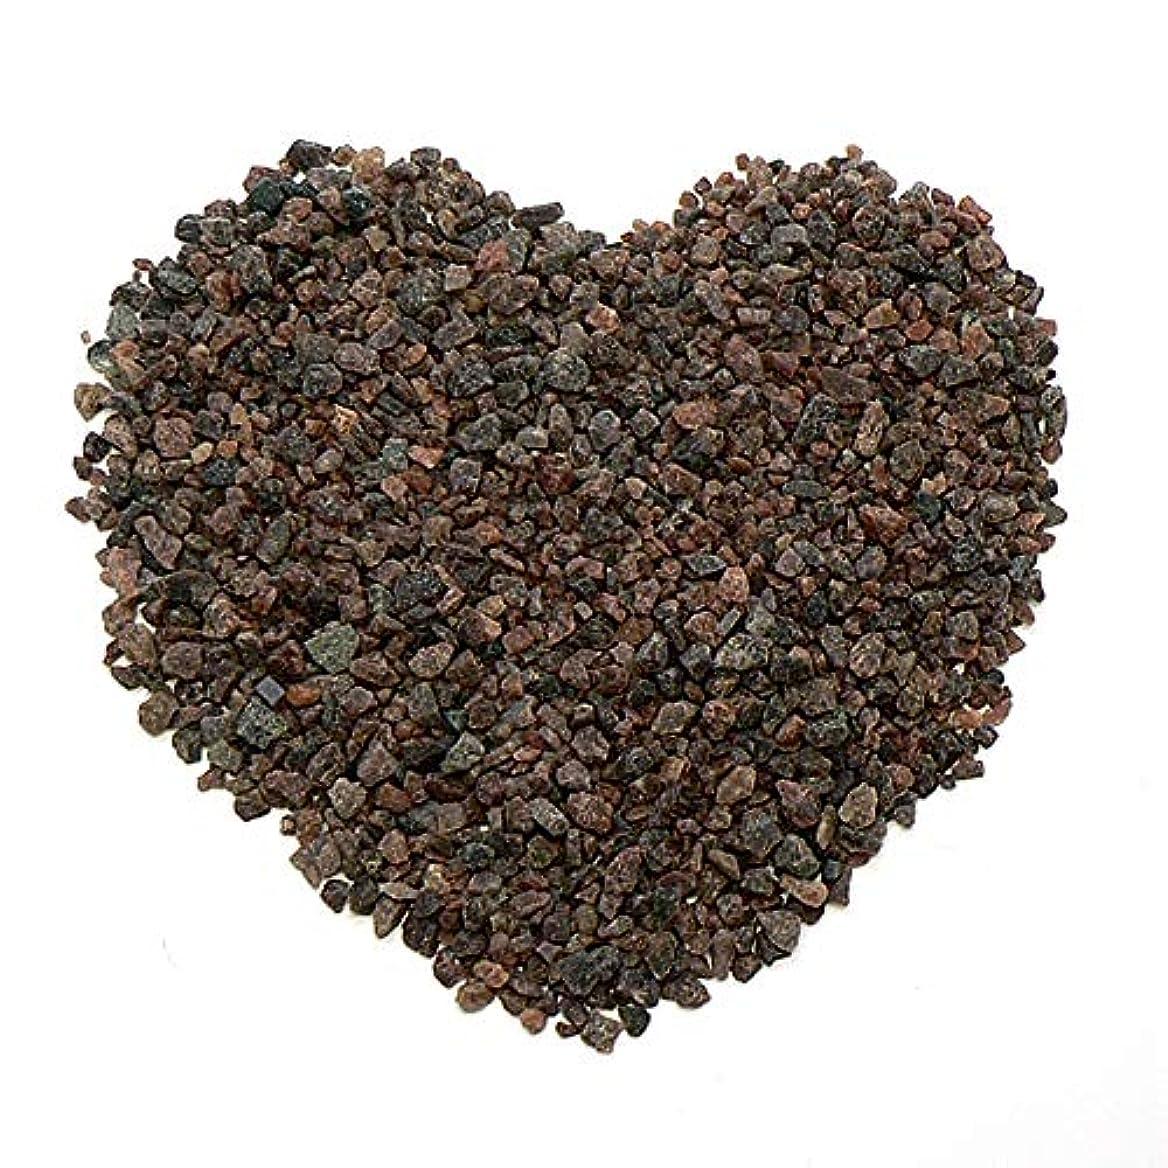 め言葉軽量ロシアヒマラヤ岩塩 ブラックソルト 入浴用 バスソルト(小粒)2kg 黒岩塩 ブラック岩塩